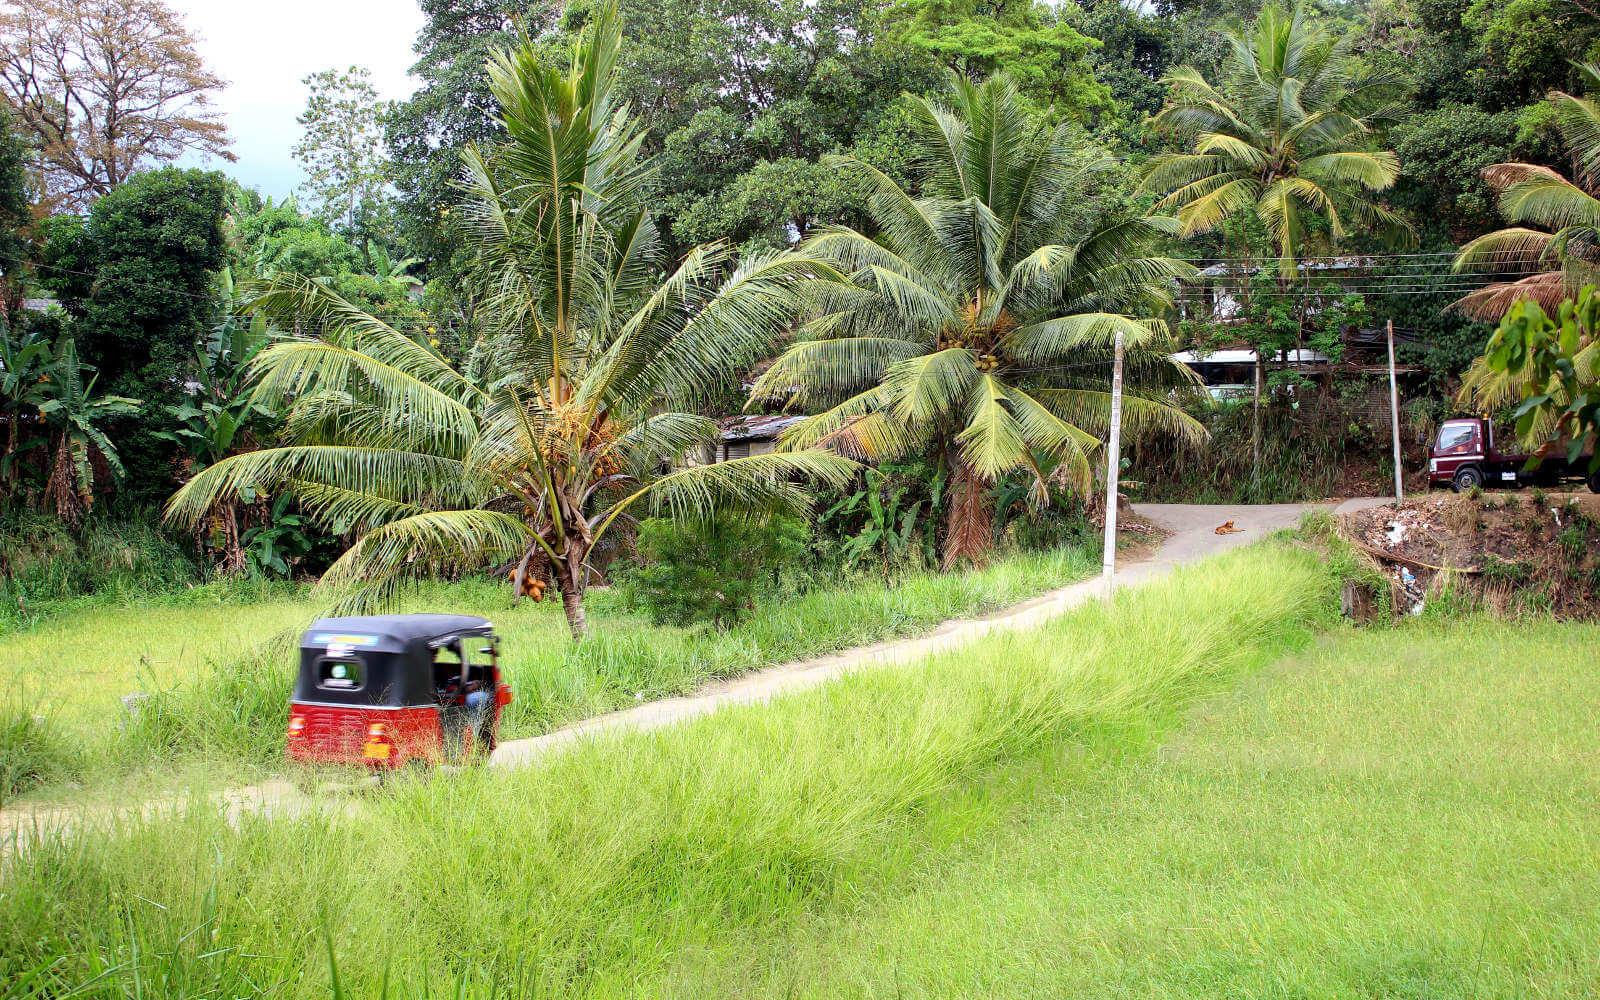 Freiwilligenarbeit in Asien: Nostalgische Autos und Natur